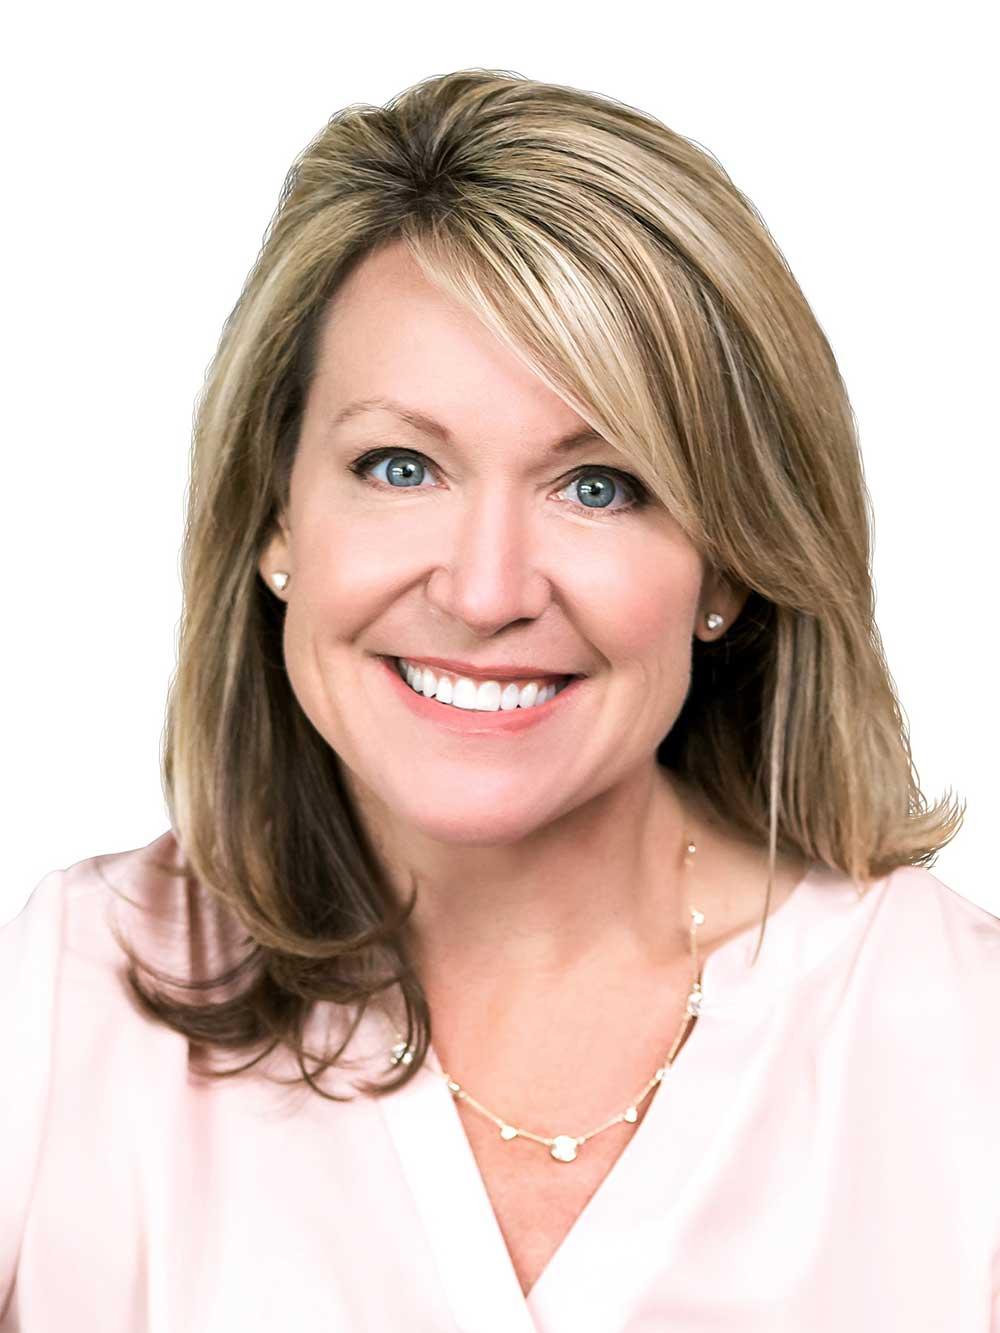 Julie Waidelich